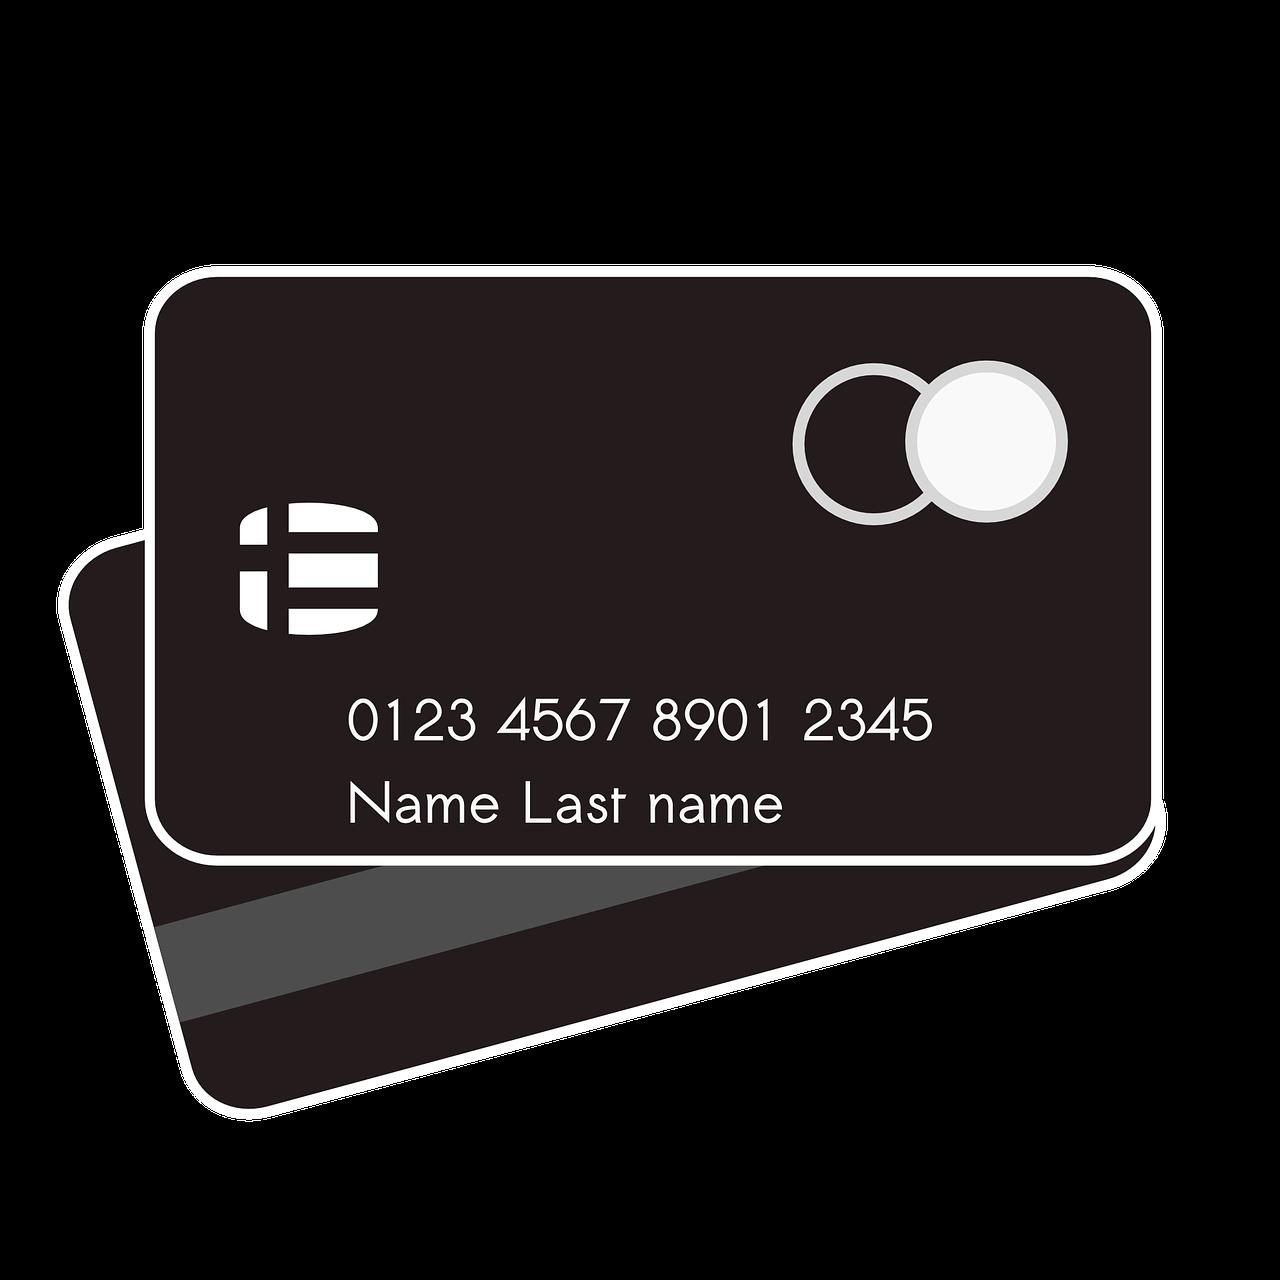 La Carte de Crédit Visa Gold Beobank - Caractéristiques et Comment Souscrire